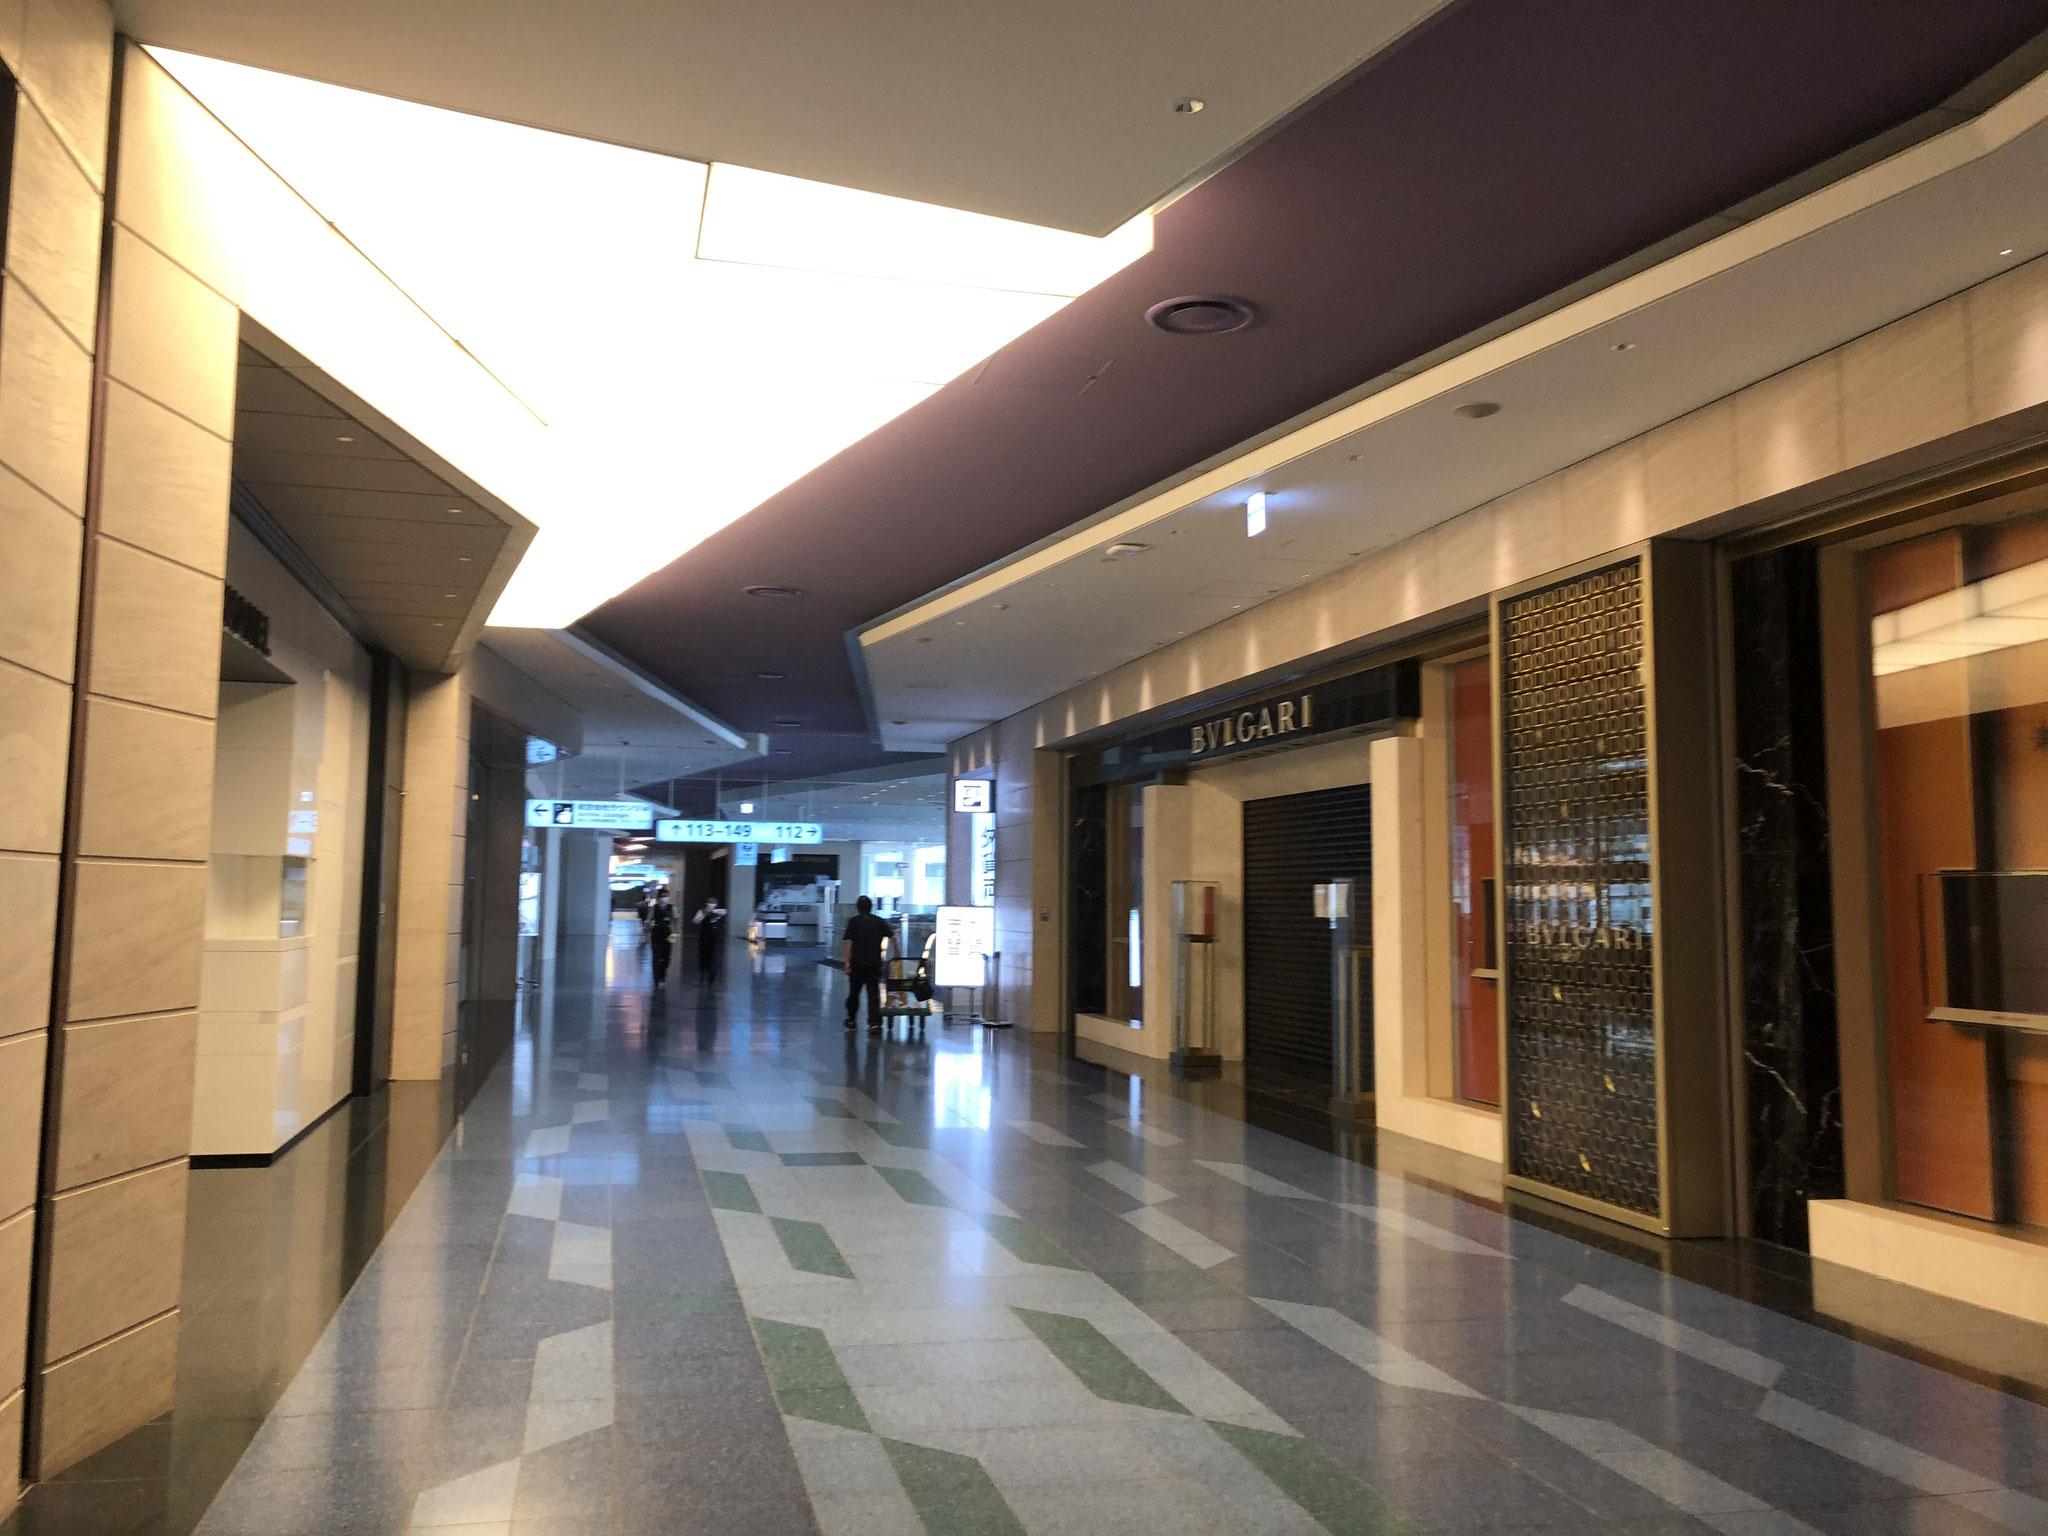 デューティフリー店、高級ブティックのほとんどが閉店中の羽田空港